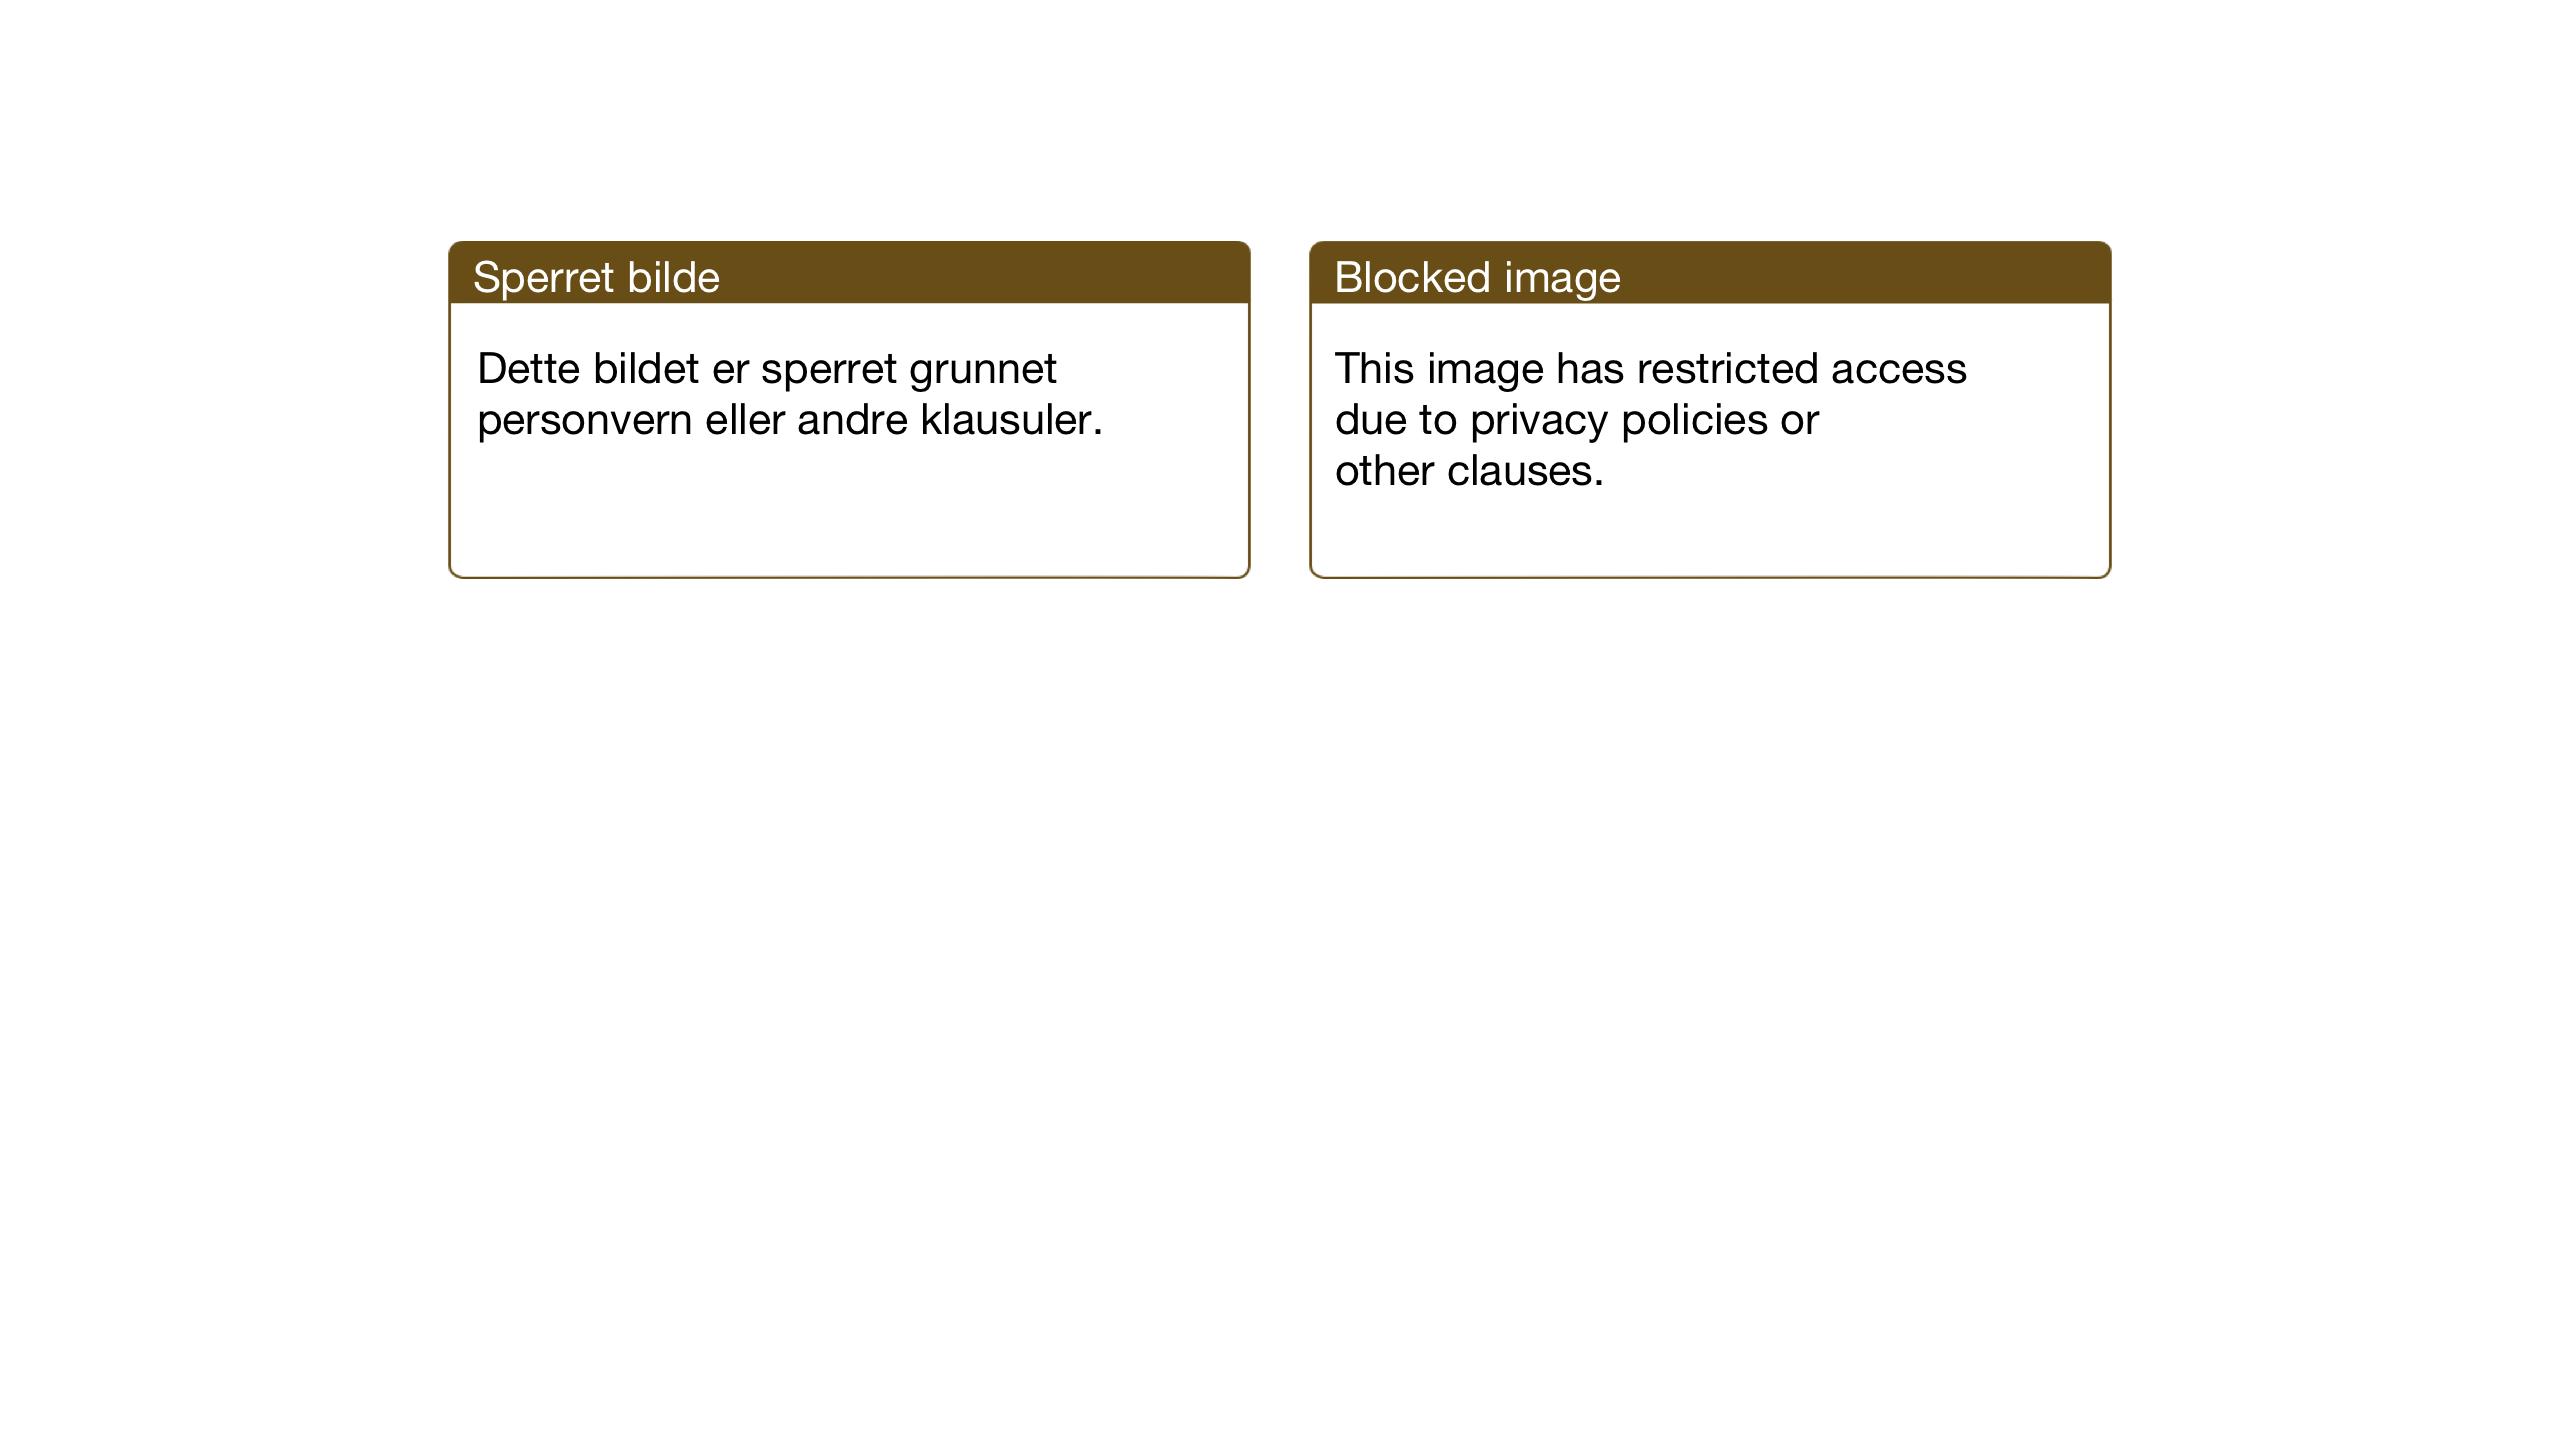 SAT, Ministerialprotokoller, klokkerbøker og fødselsregistre - Nord-Trøndelag, 712/L0104: Klokkerbok nr. 712C02, 1917-1939, s. 66